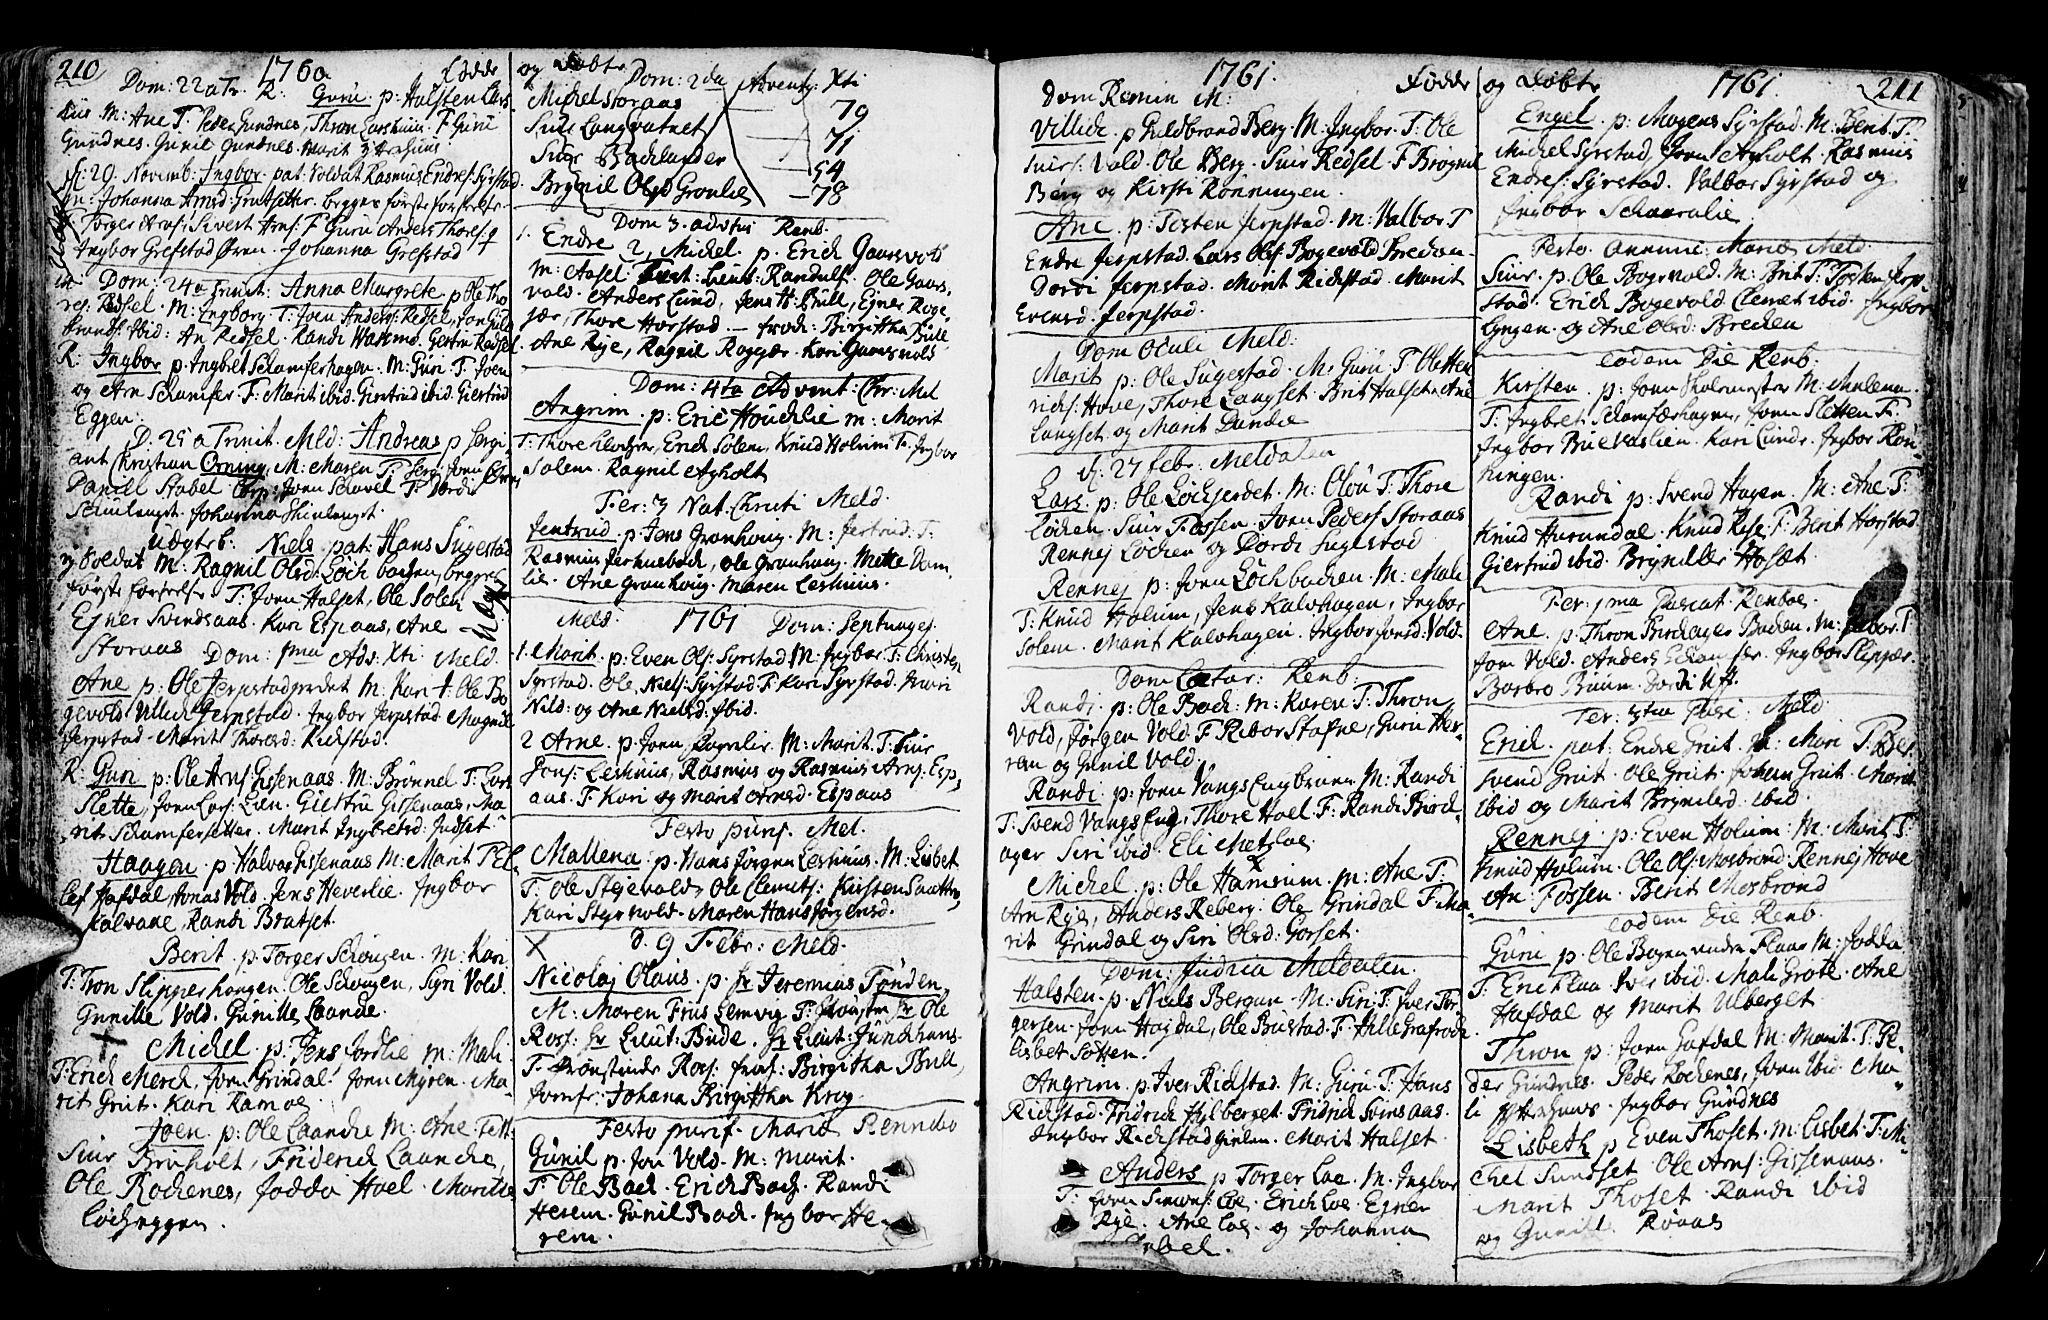 SAT, Ministerialprotokoller, klokkerbøker og fødselsregistre - Sør-Trøndelag, 672/L0851: Ministerialbok nr. 672A04, 1751-1775, s. 210-211